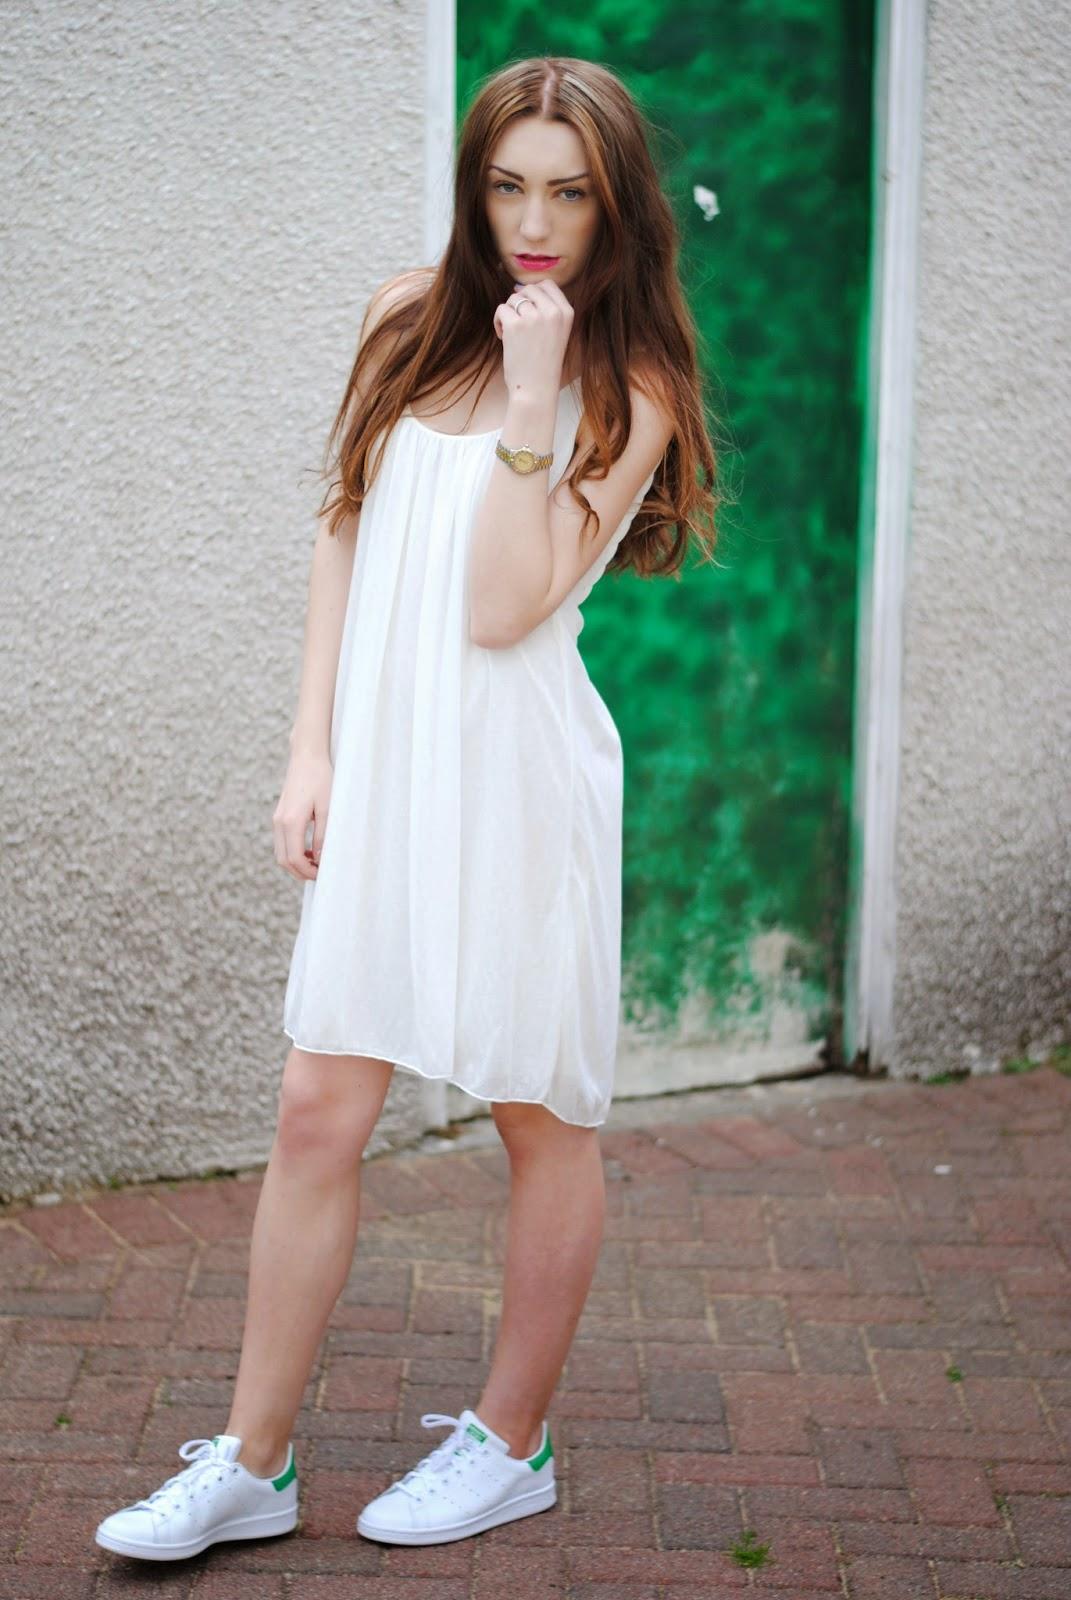 adidas stan smith with dress